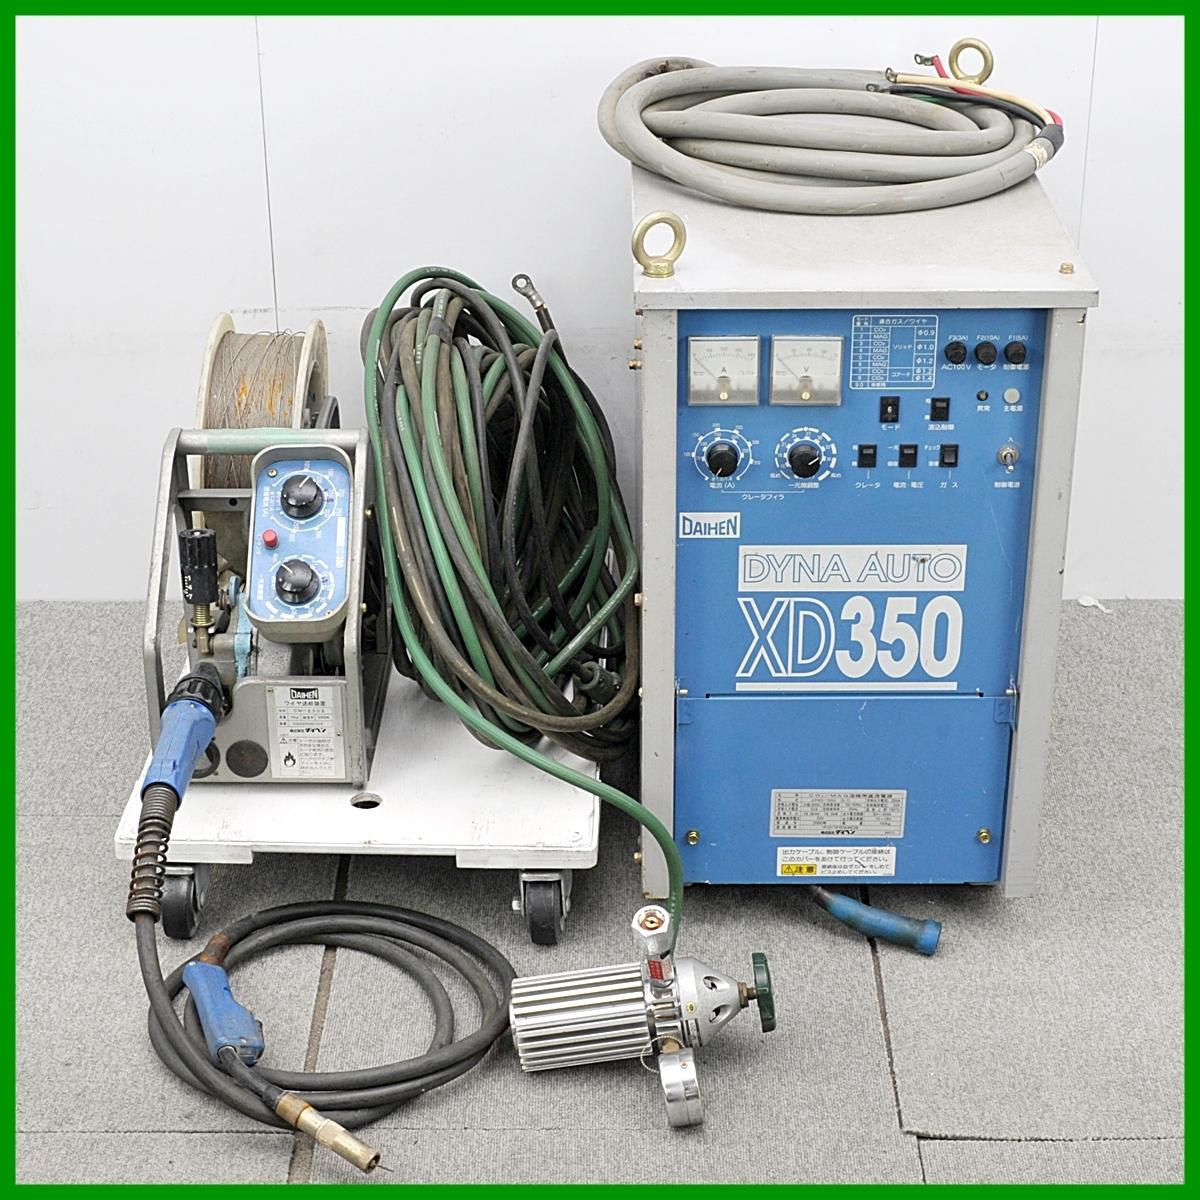 ジャンク品◆ ダイヘン CO2/MAG溶接機 ダイナオートXD350 2008年製 半自動溶接機◆【zd504